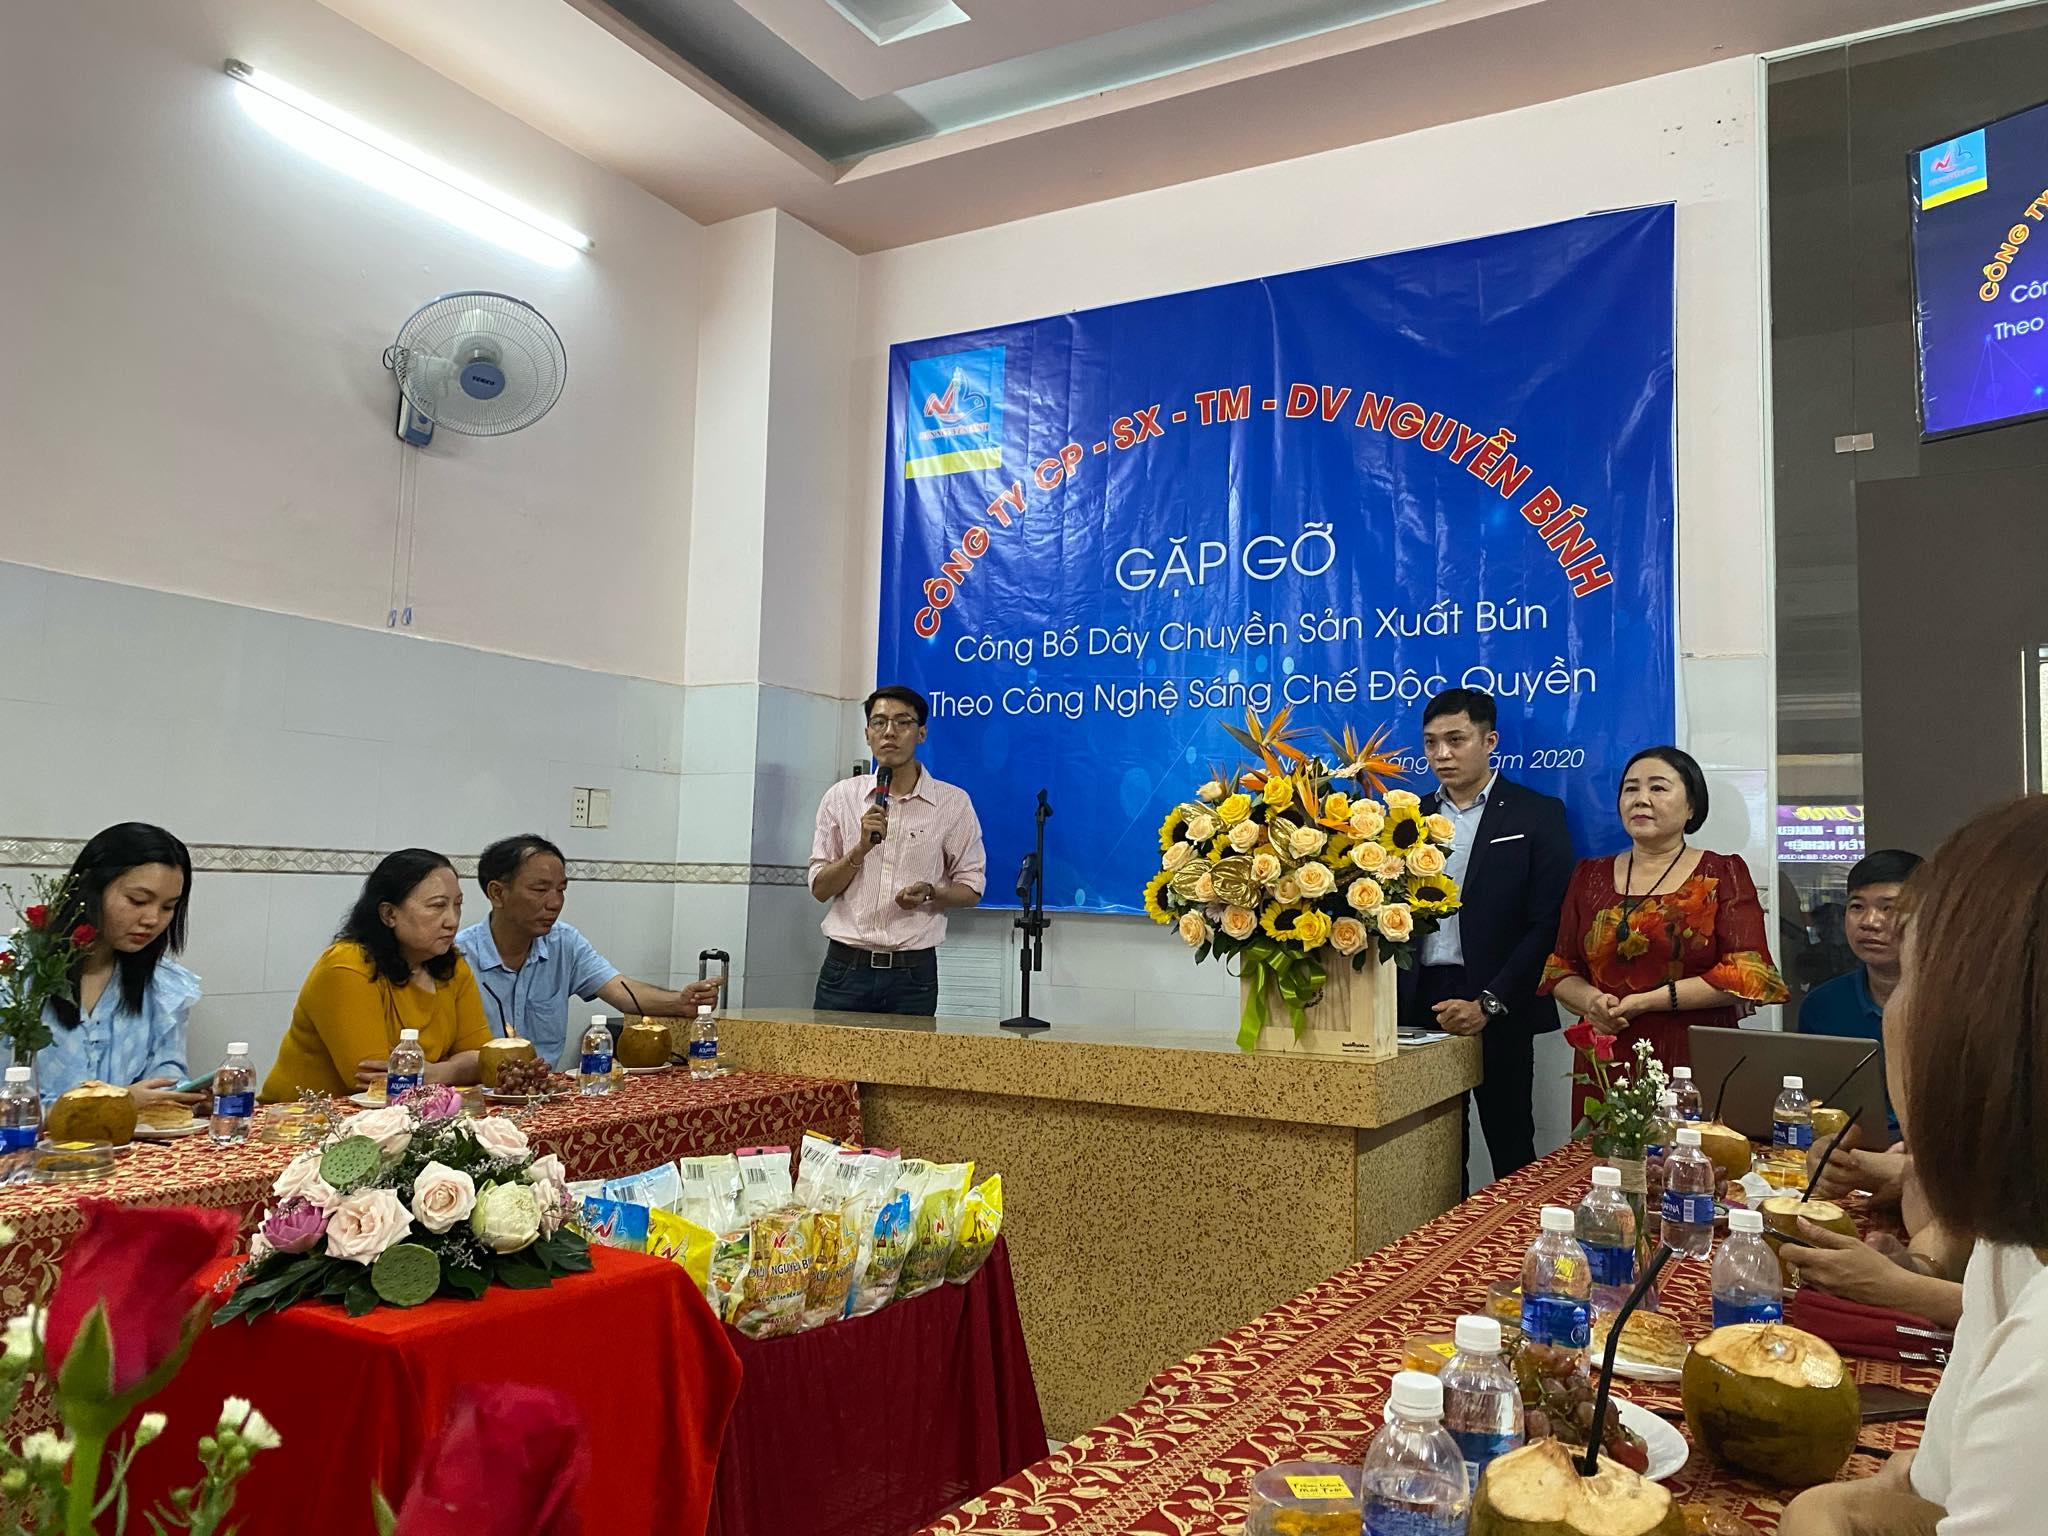 Bún Thủ Đức Nguyễn Bính ra mắt dây chuyền sản xuất mới 3